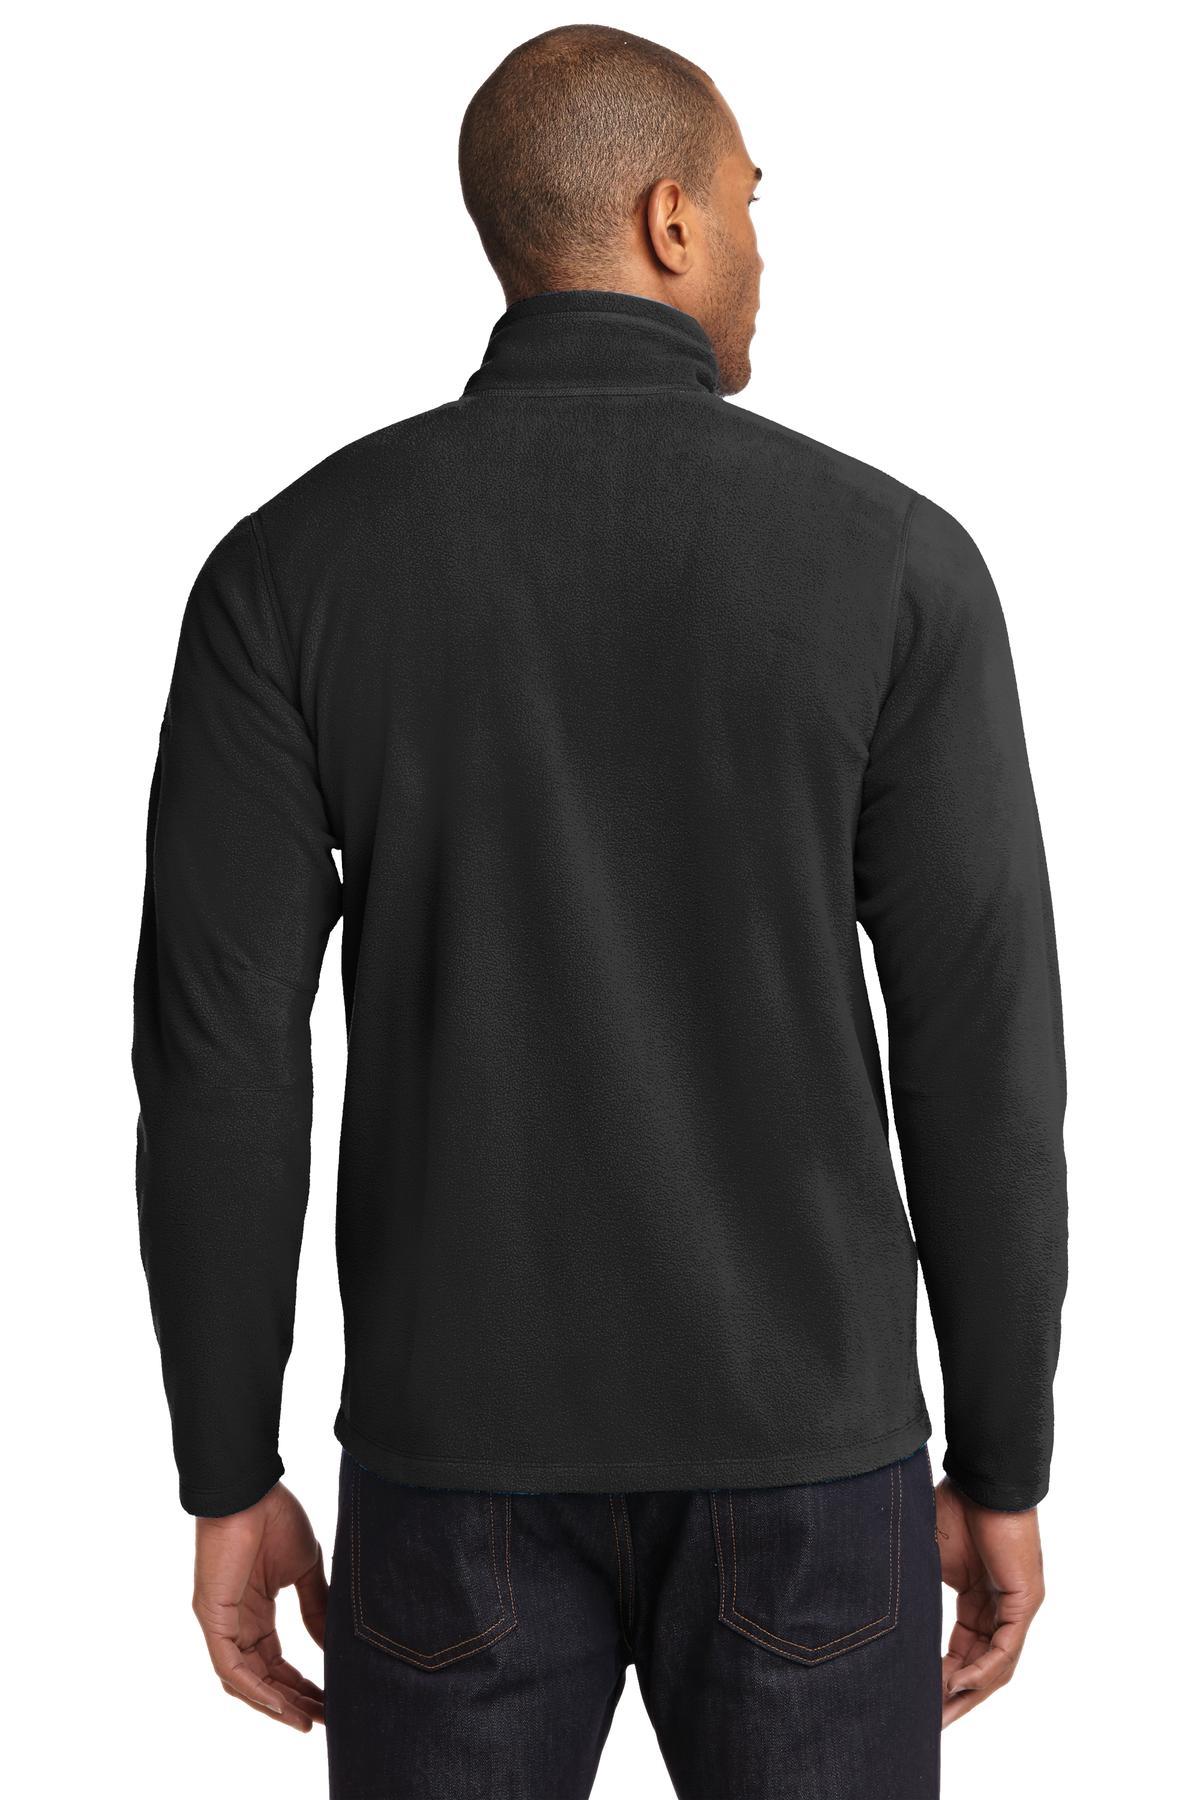 Mens Eddie Bauer Full-Zip Microfleece Jacket - RCG2382